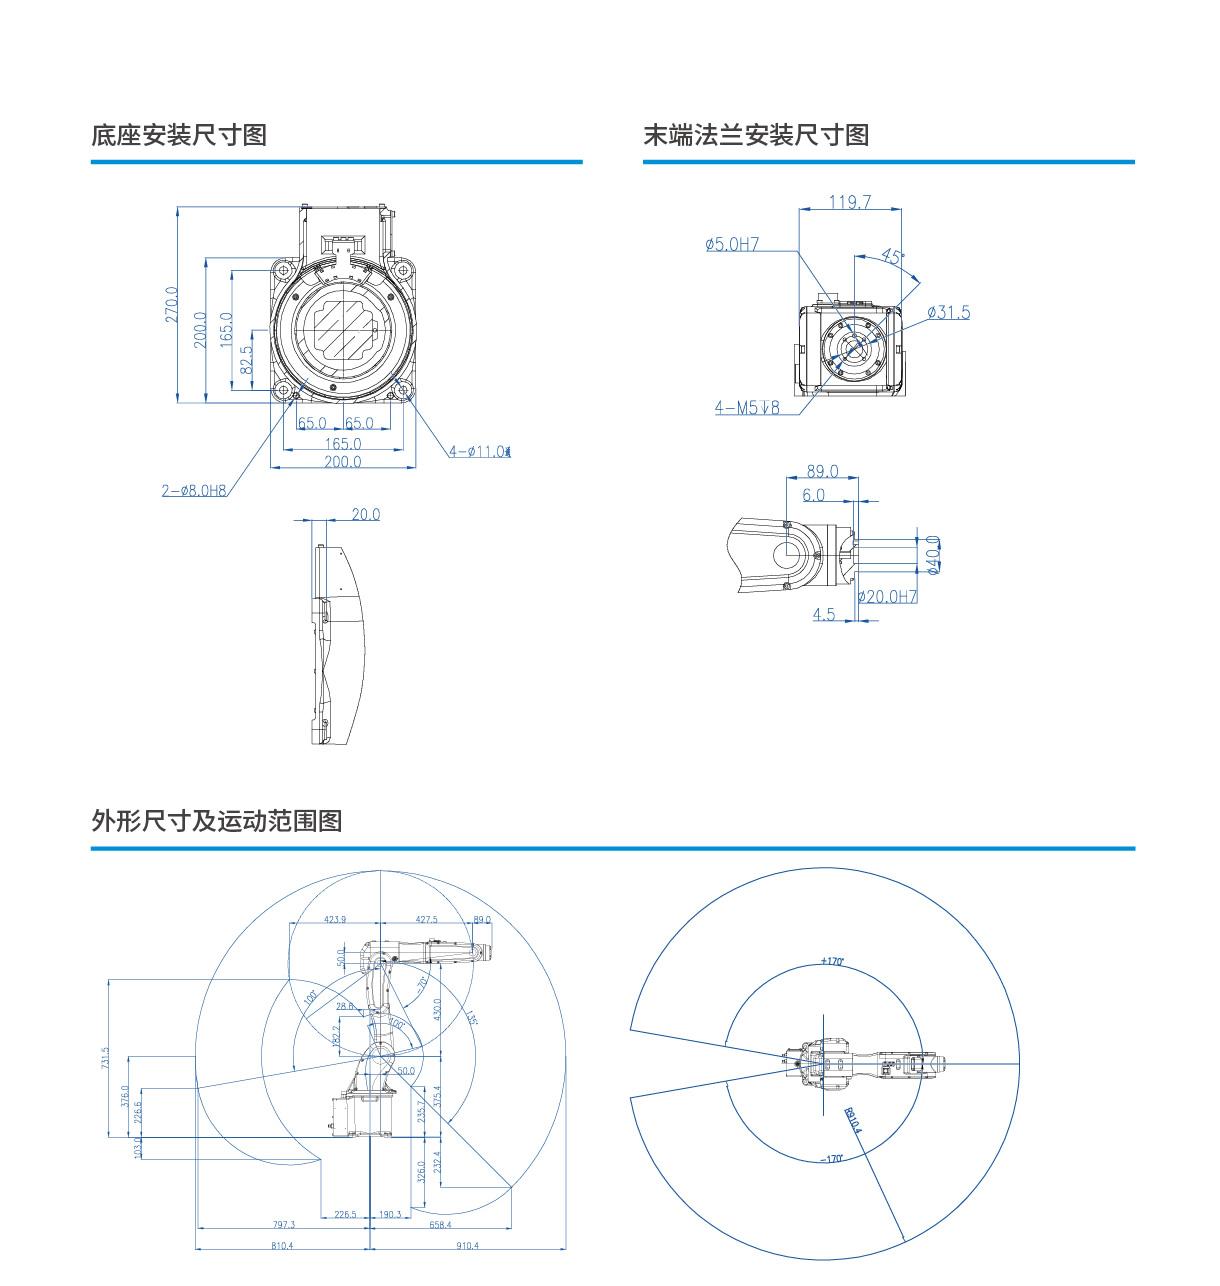 灵猴 LR7-R910 六轴机器人